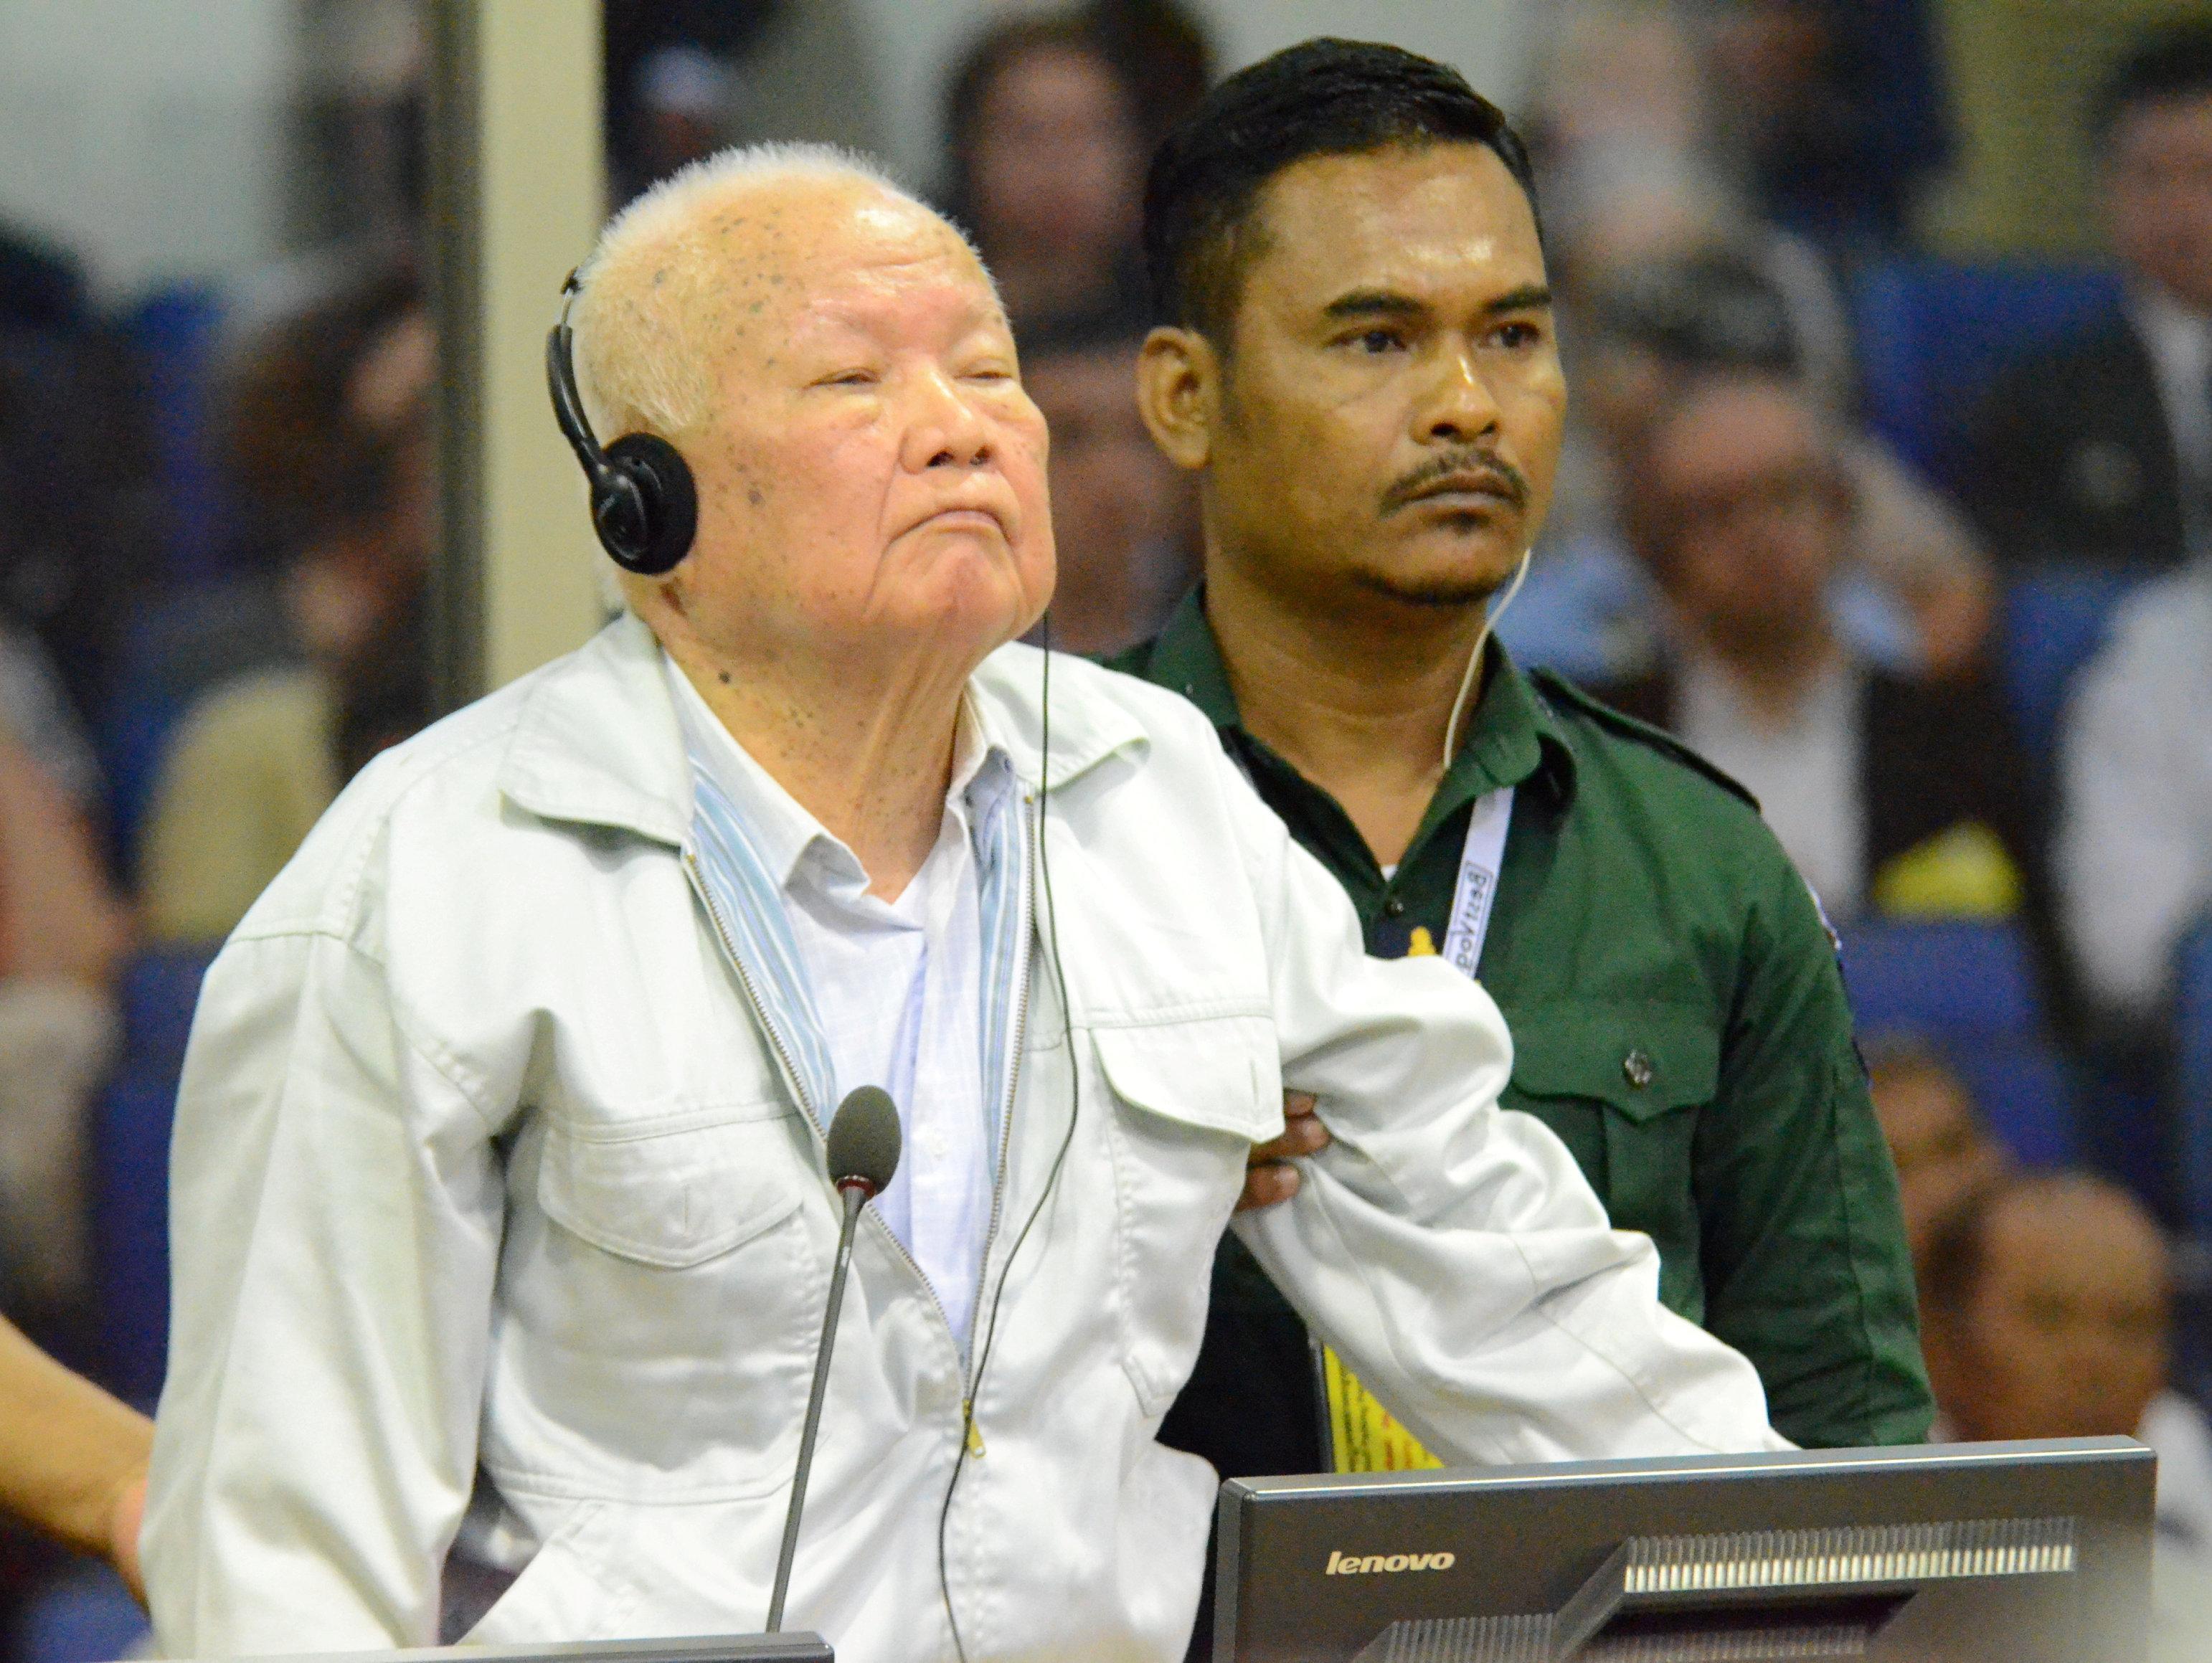 קמבודיה: שניים מבכירי משטר קמר רוז' הורשעו ברצח עם